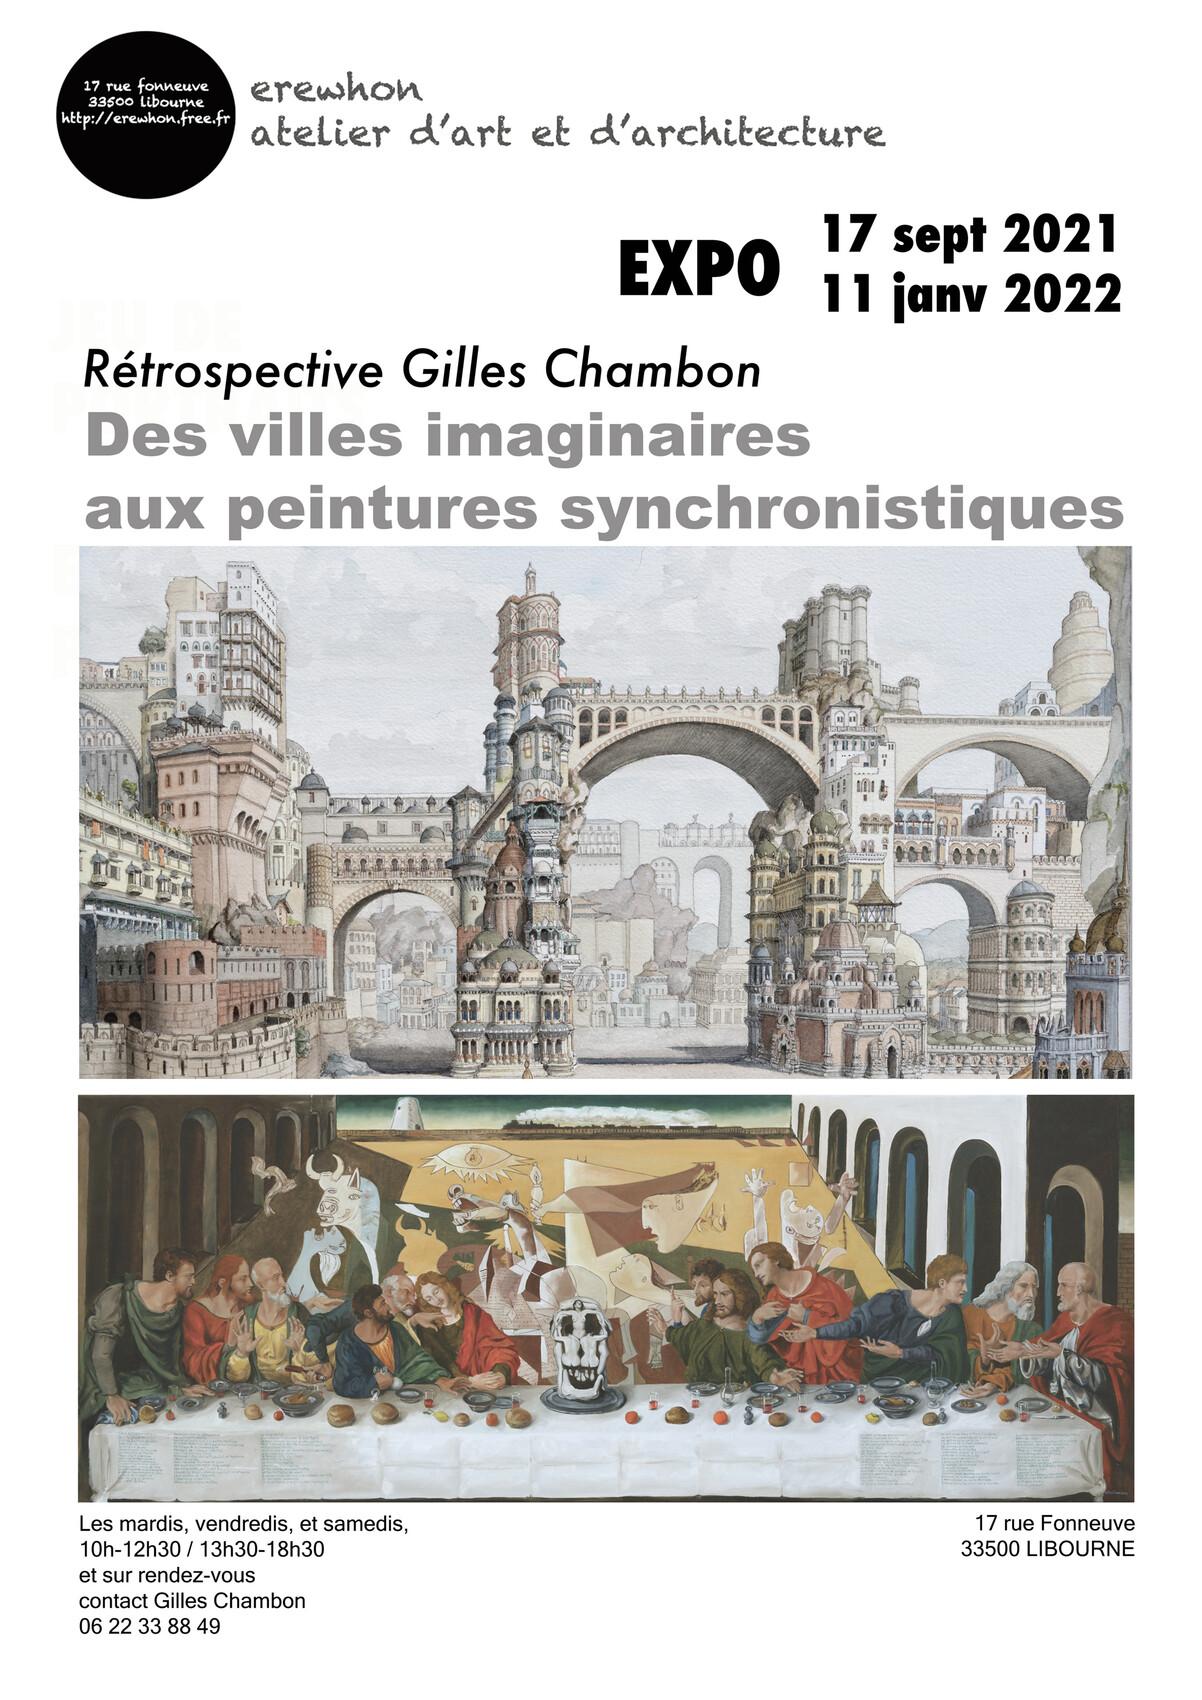 Rétrospective Gilles Chambon : des villes imaginaires aux peintures synchronistiques